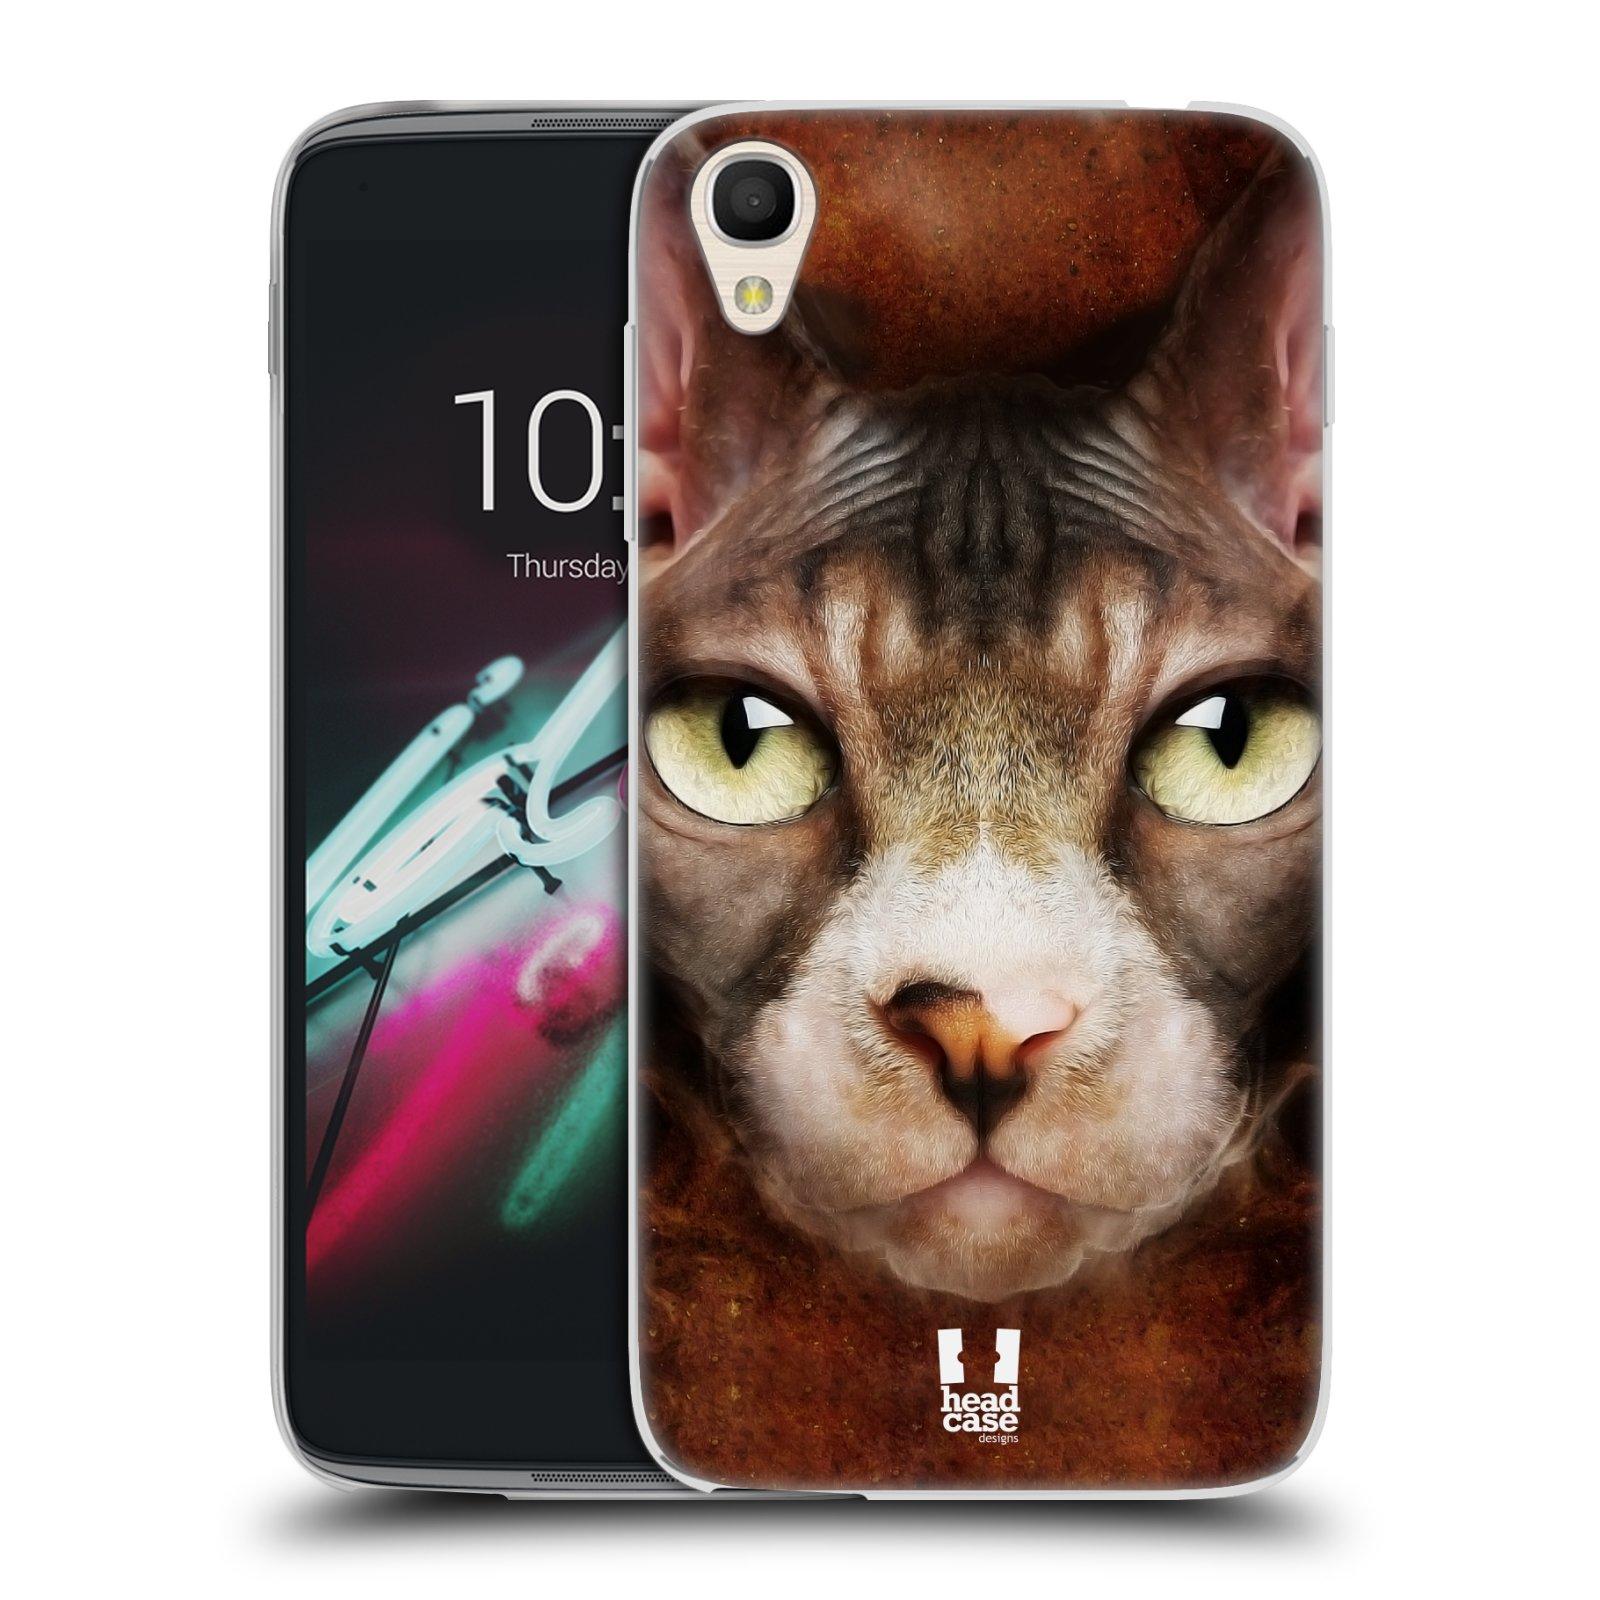 HEAD CASE silikonový obal na mobil Alcatel Idol 3 OT-6039Y (4.7) vzor Zvířecí tváře kočka sphynx